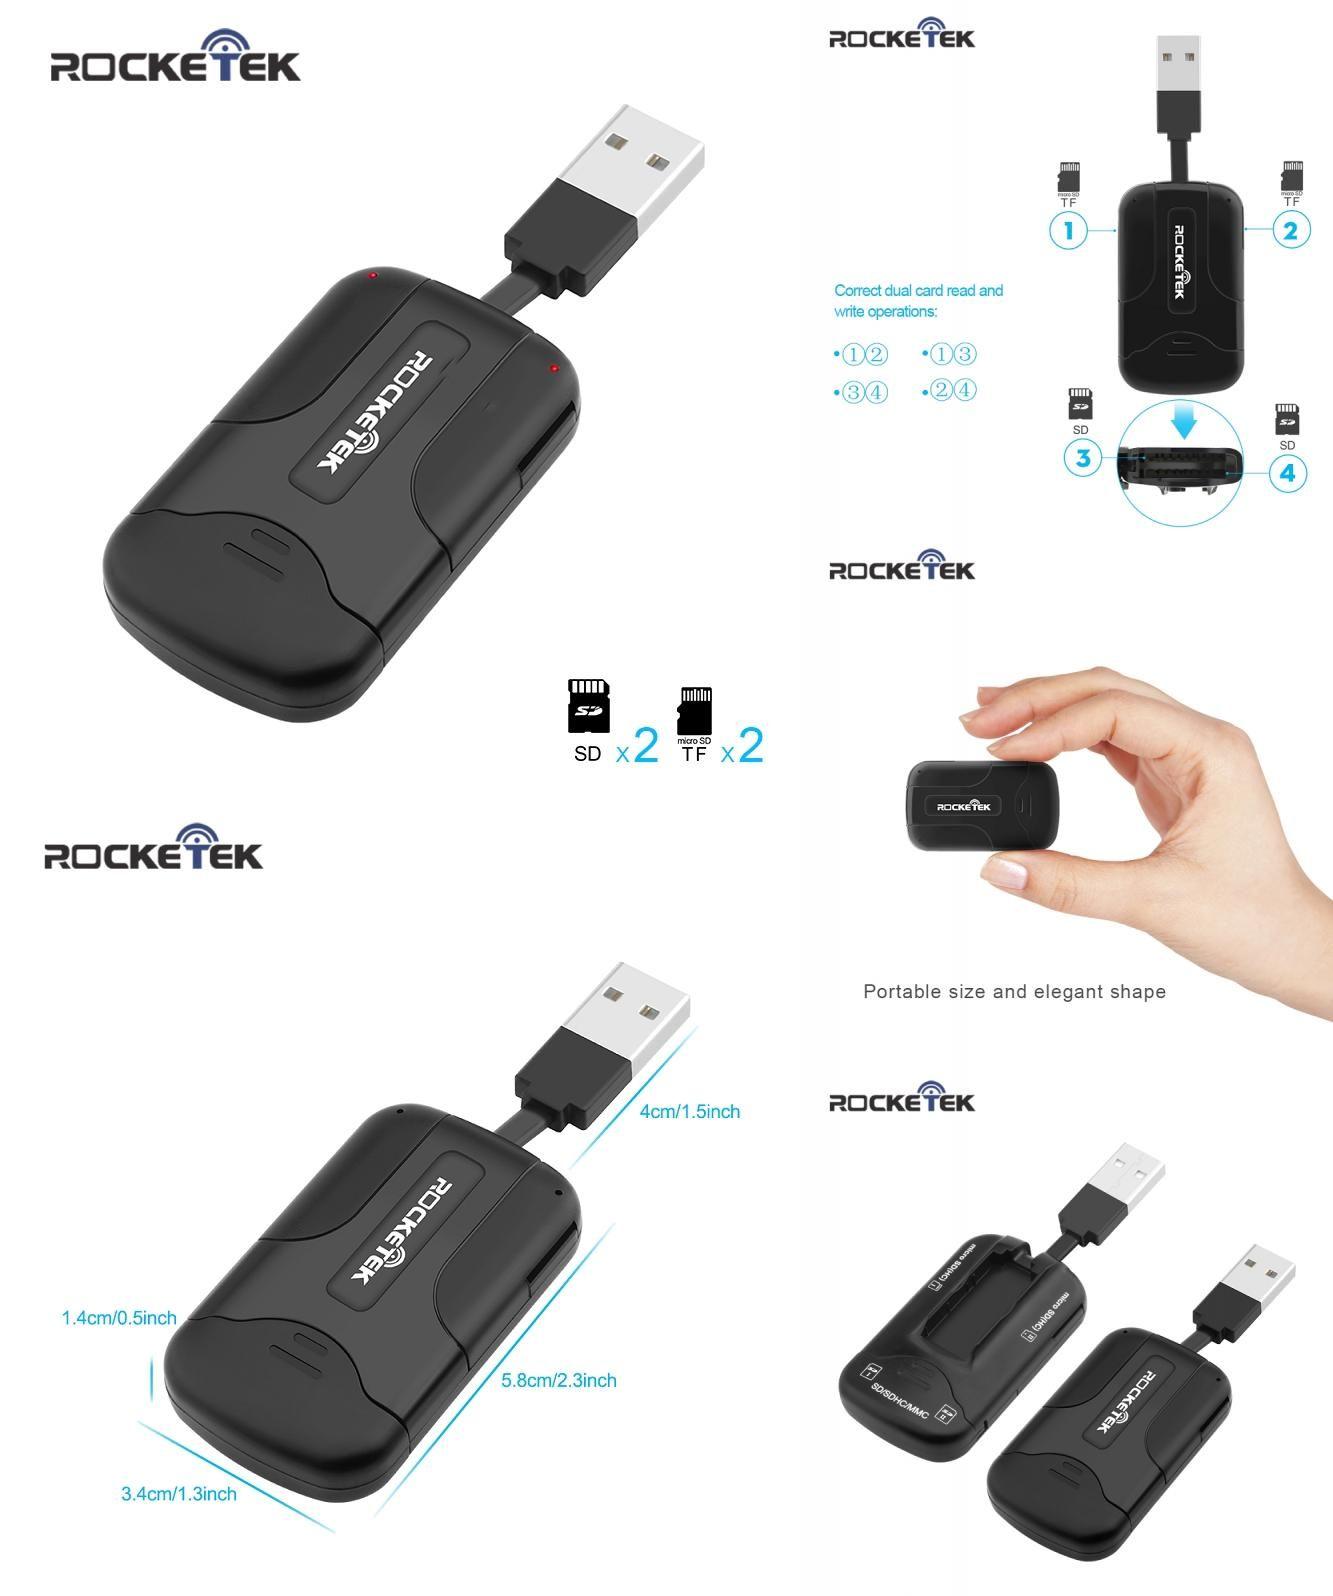 ADS MINI DUALTV USB WINDOWS 7 DRIVERS DOWNLOAD